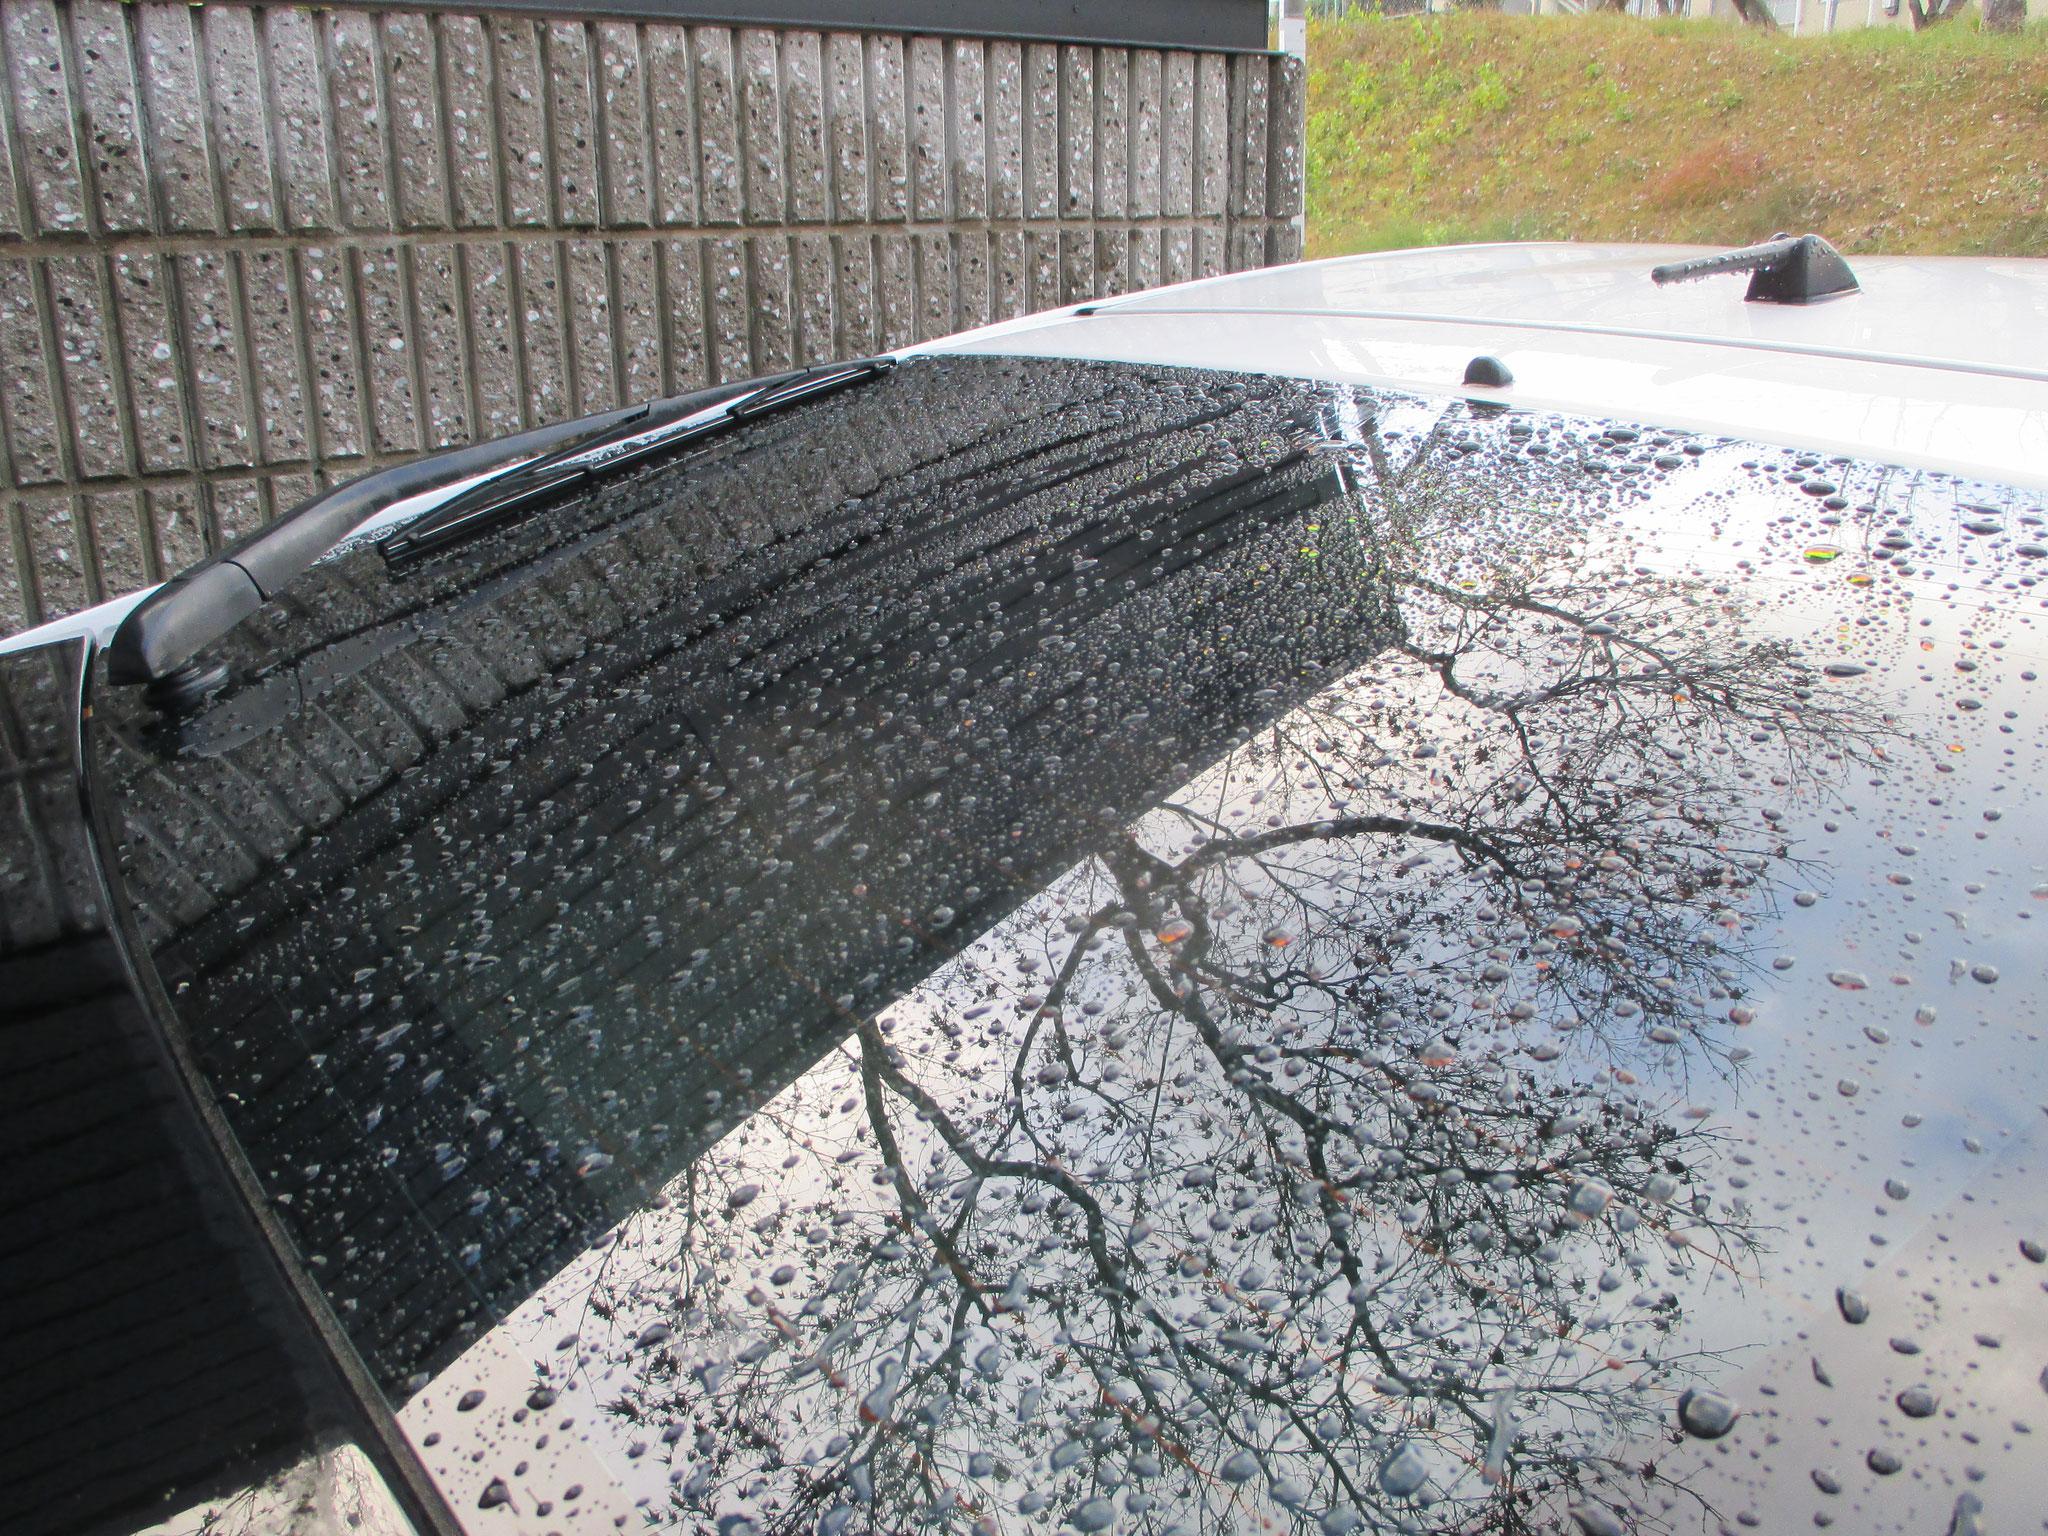 通常の汚れはつきますが雨水だけでどれぐらい落ちるか実証中です。少しの雨では?